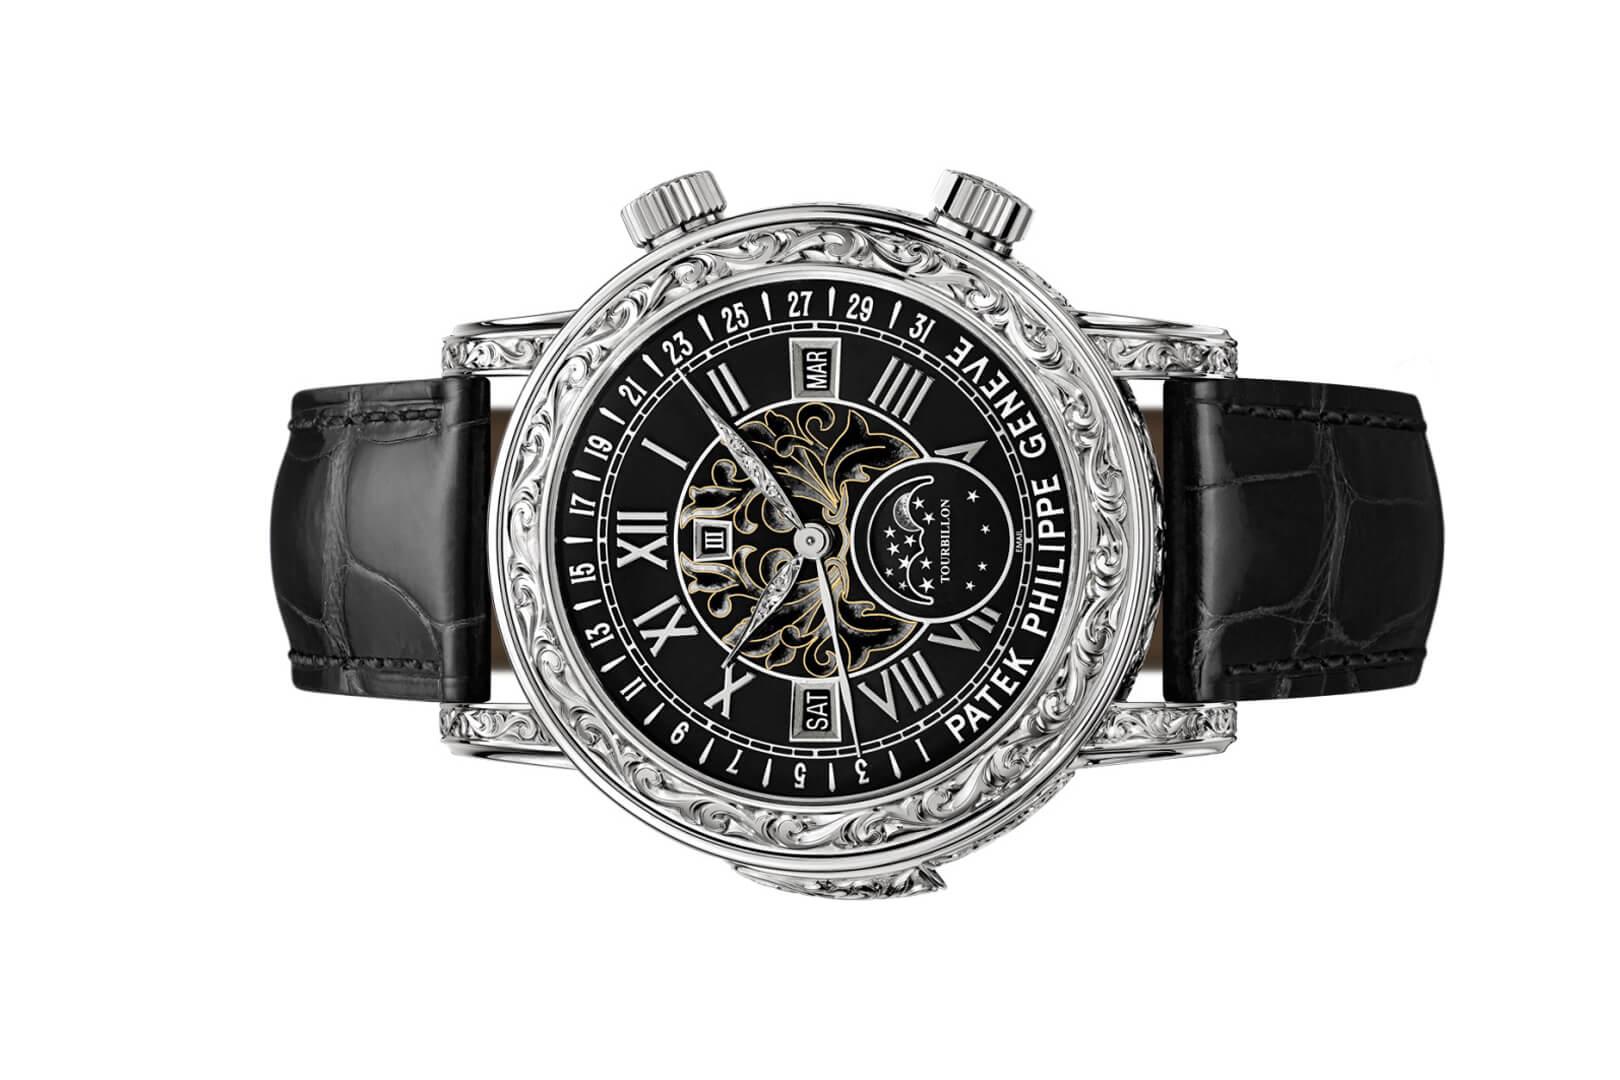 Đồng hồ giá siêu khủng